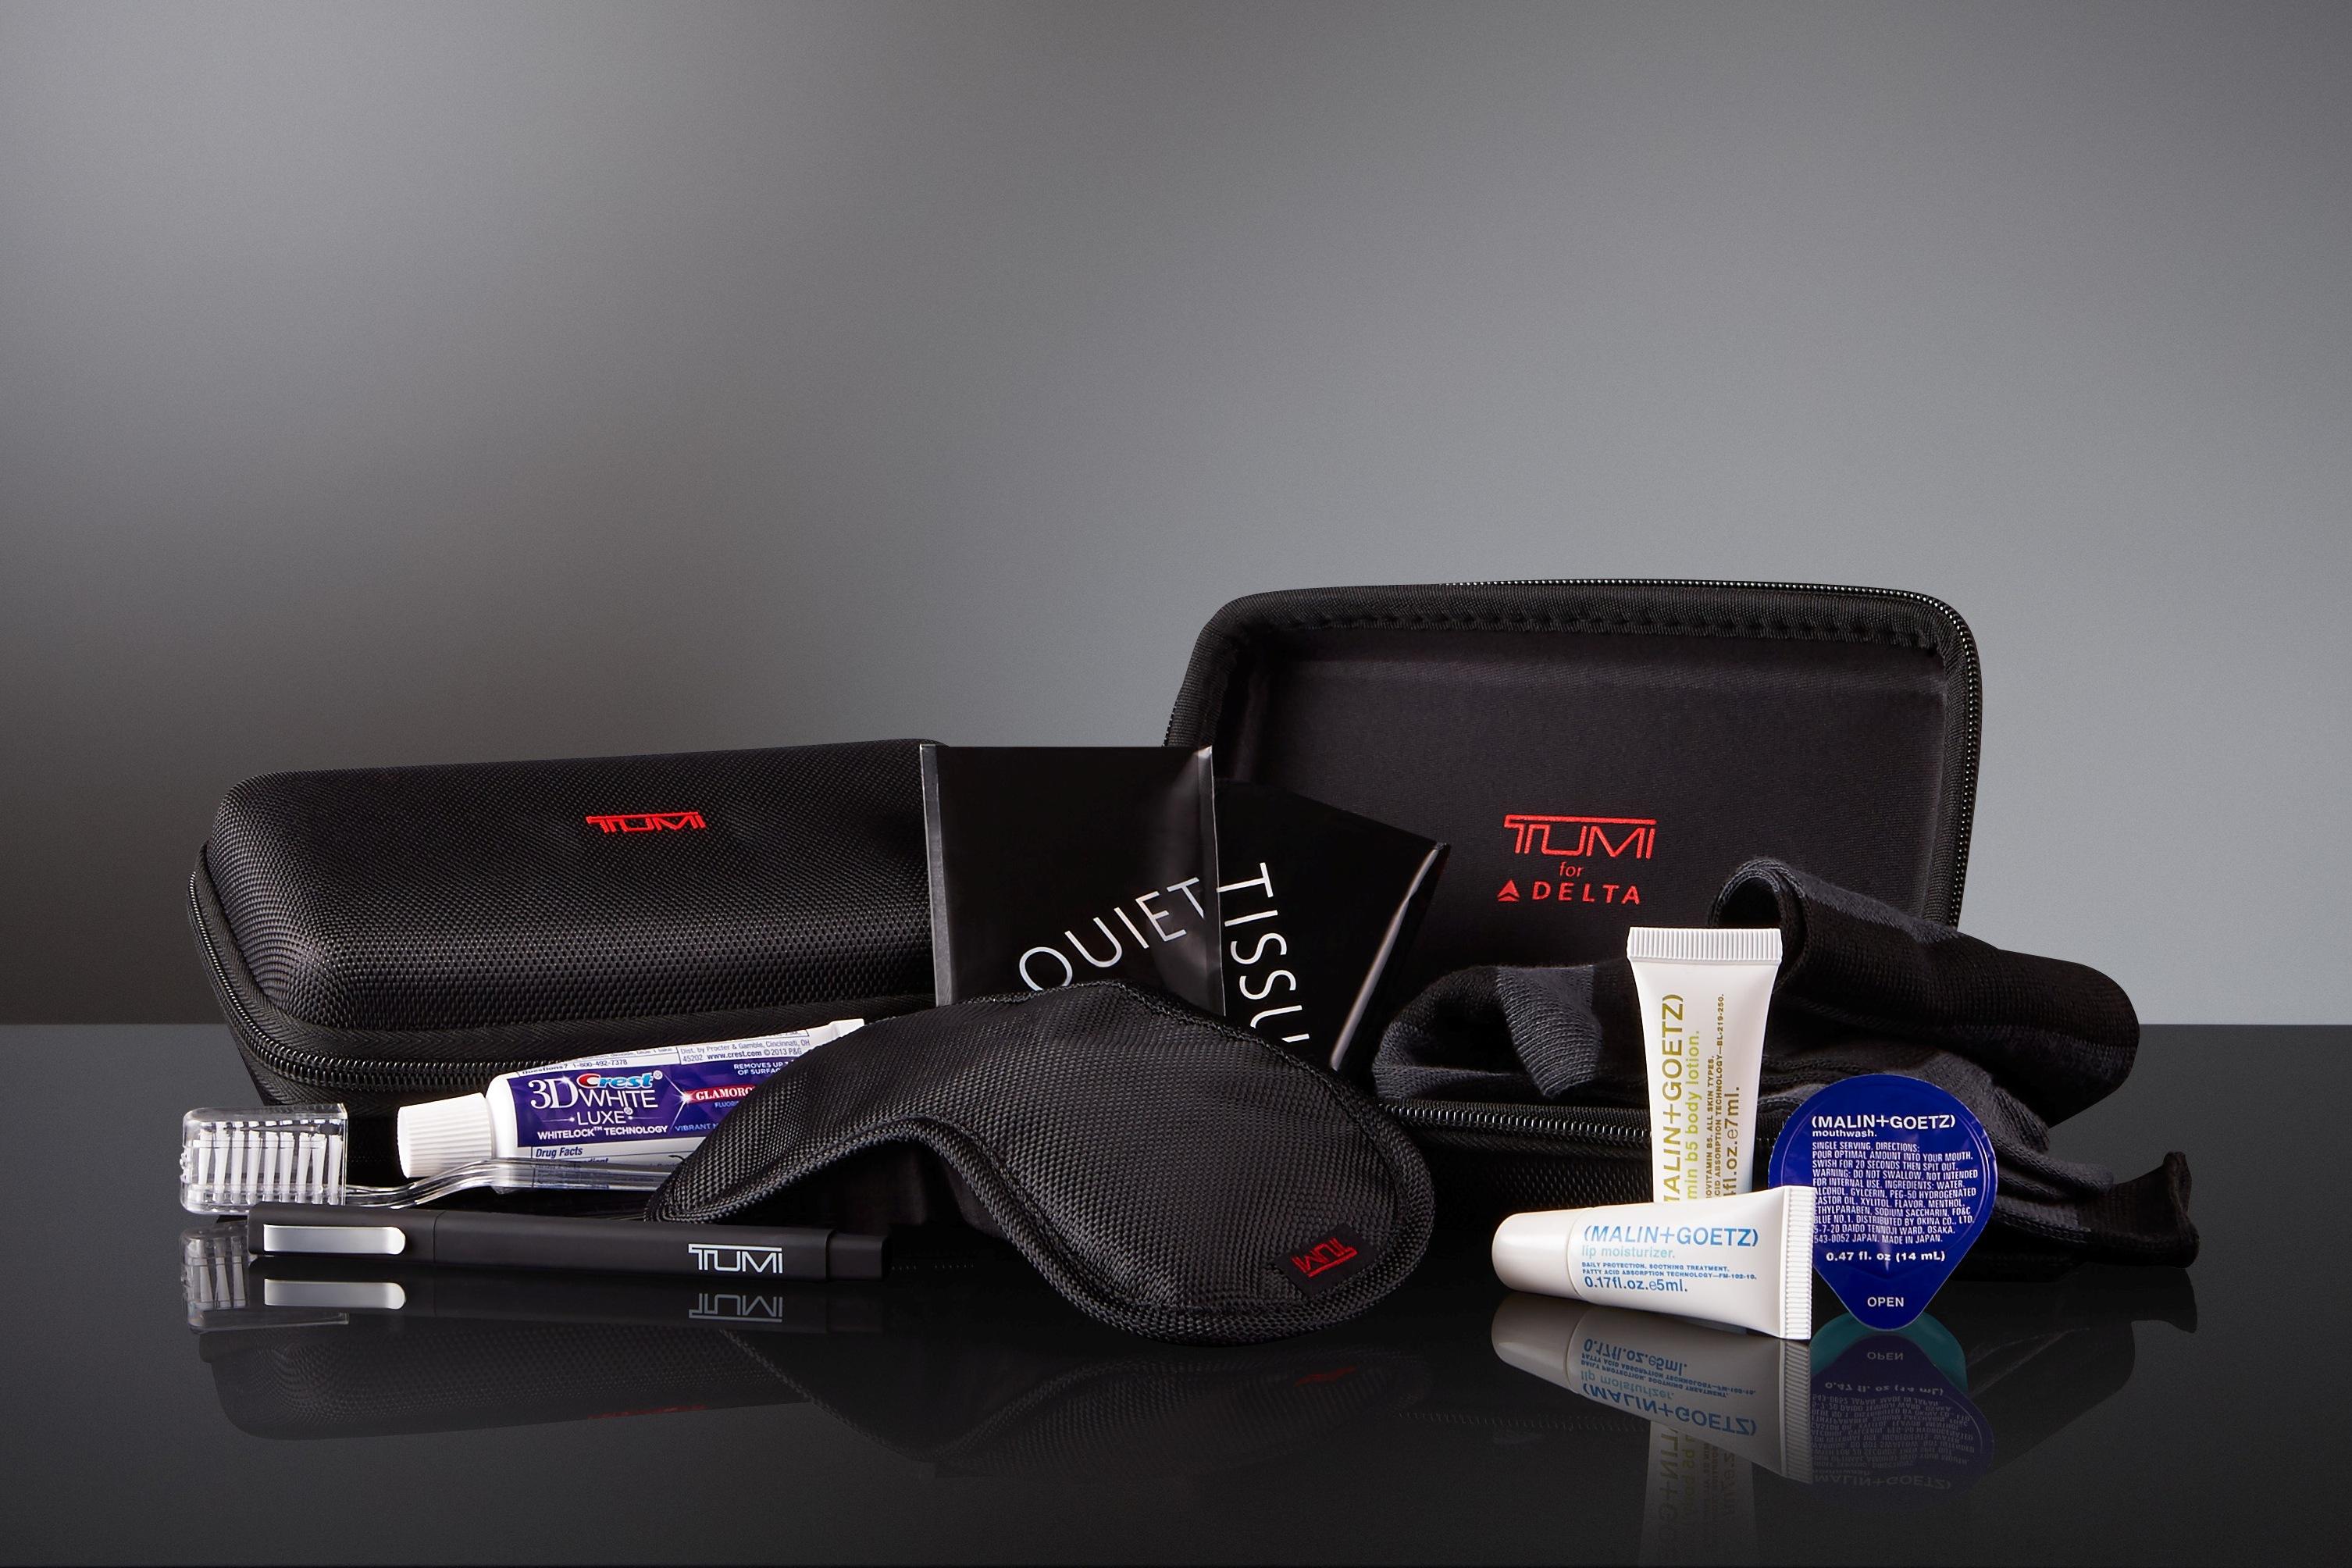 Tumi Hard Case Amenity Kits